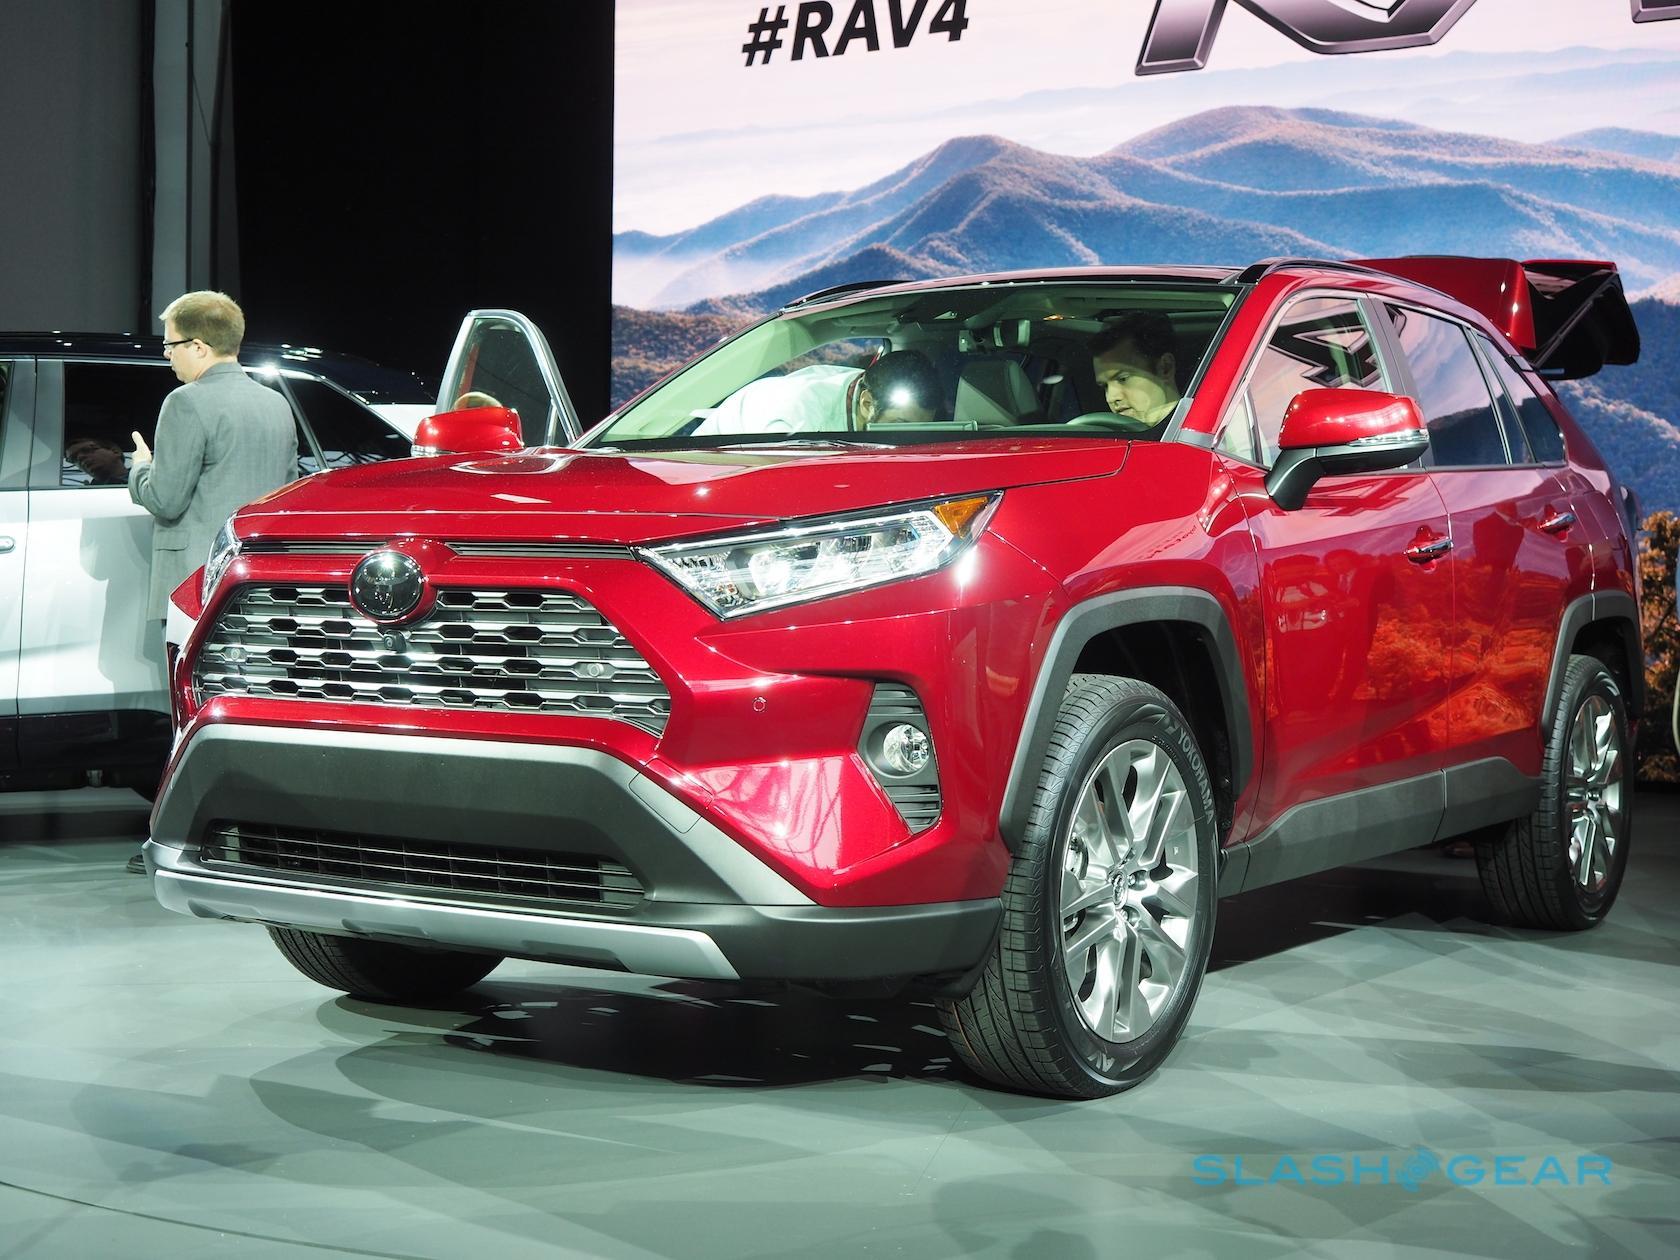 Kelebihan Kekurangan Suv Toyota 2019 Spesifikasi